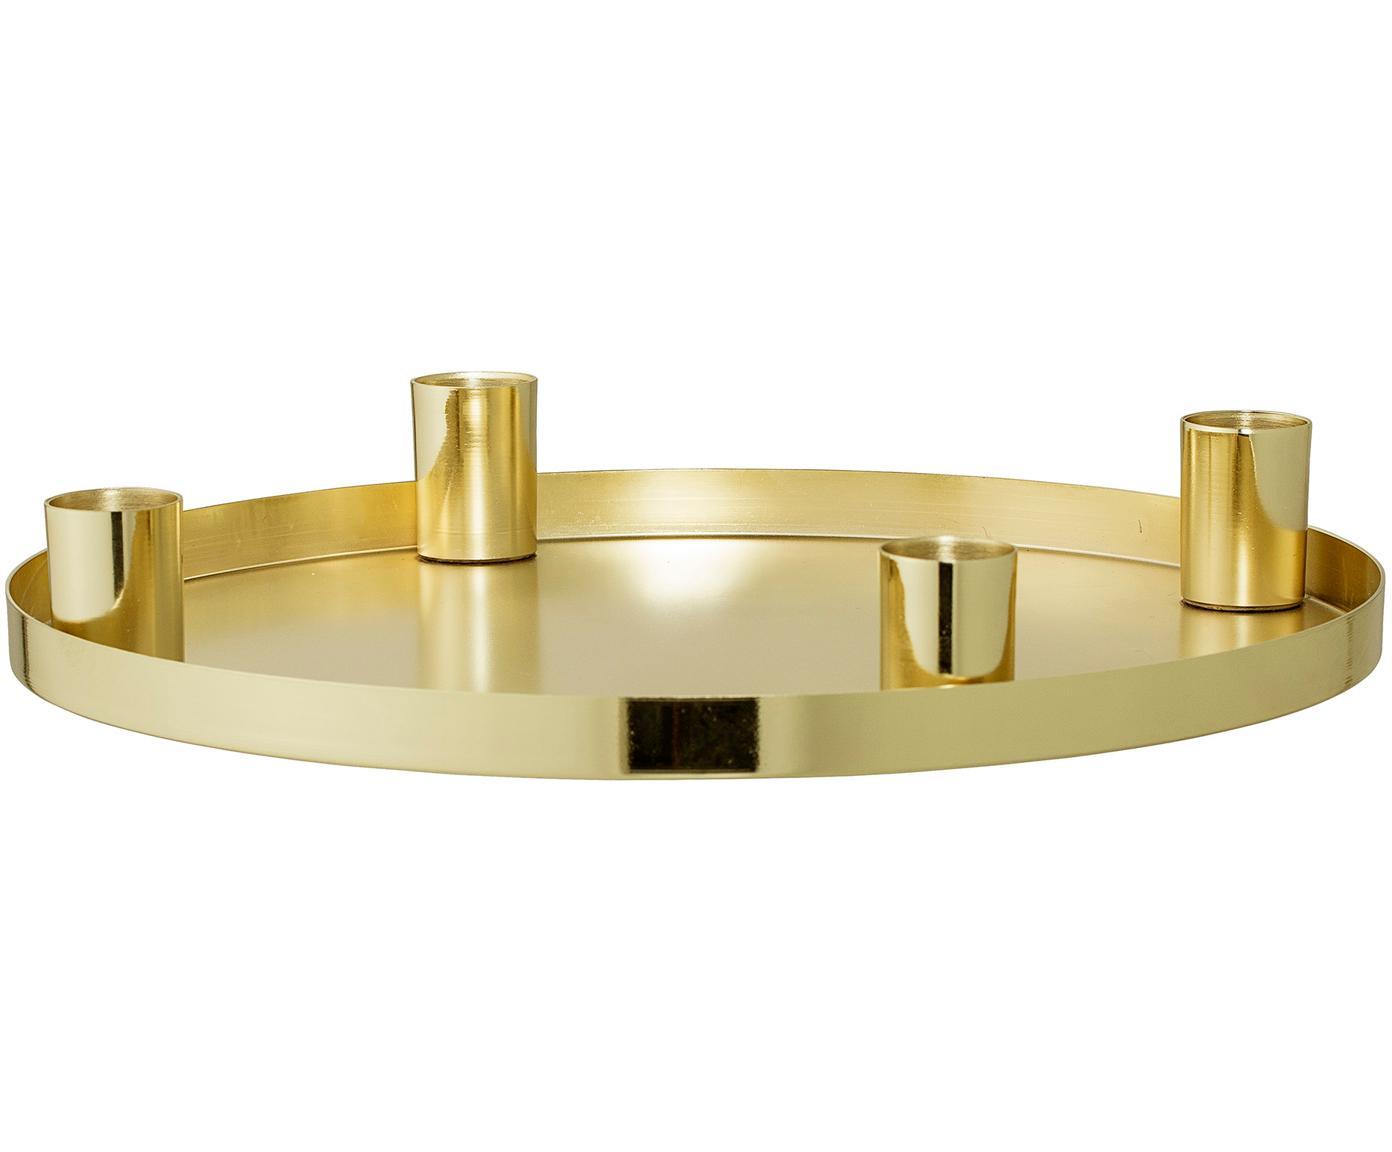 Świecznik Advent, Metal powlekany, Złoty, Ø 25 x W 4 cm